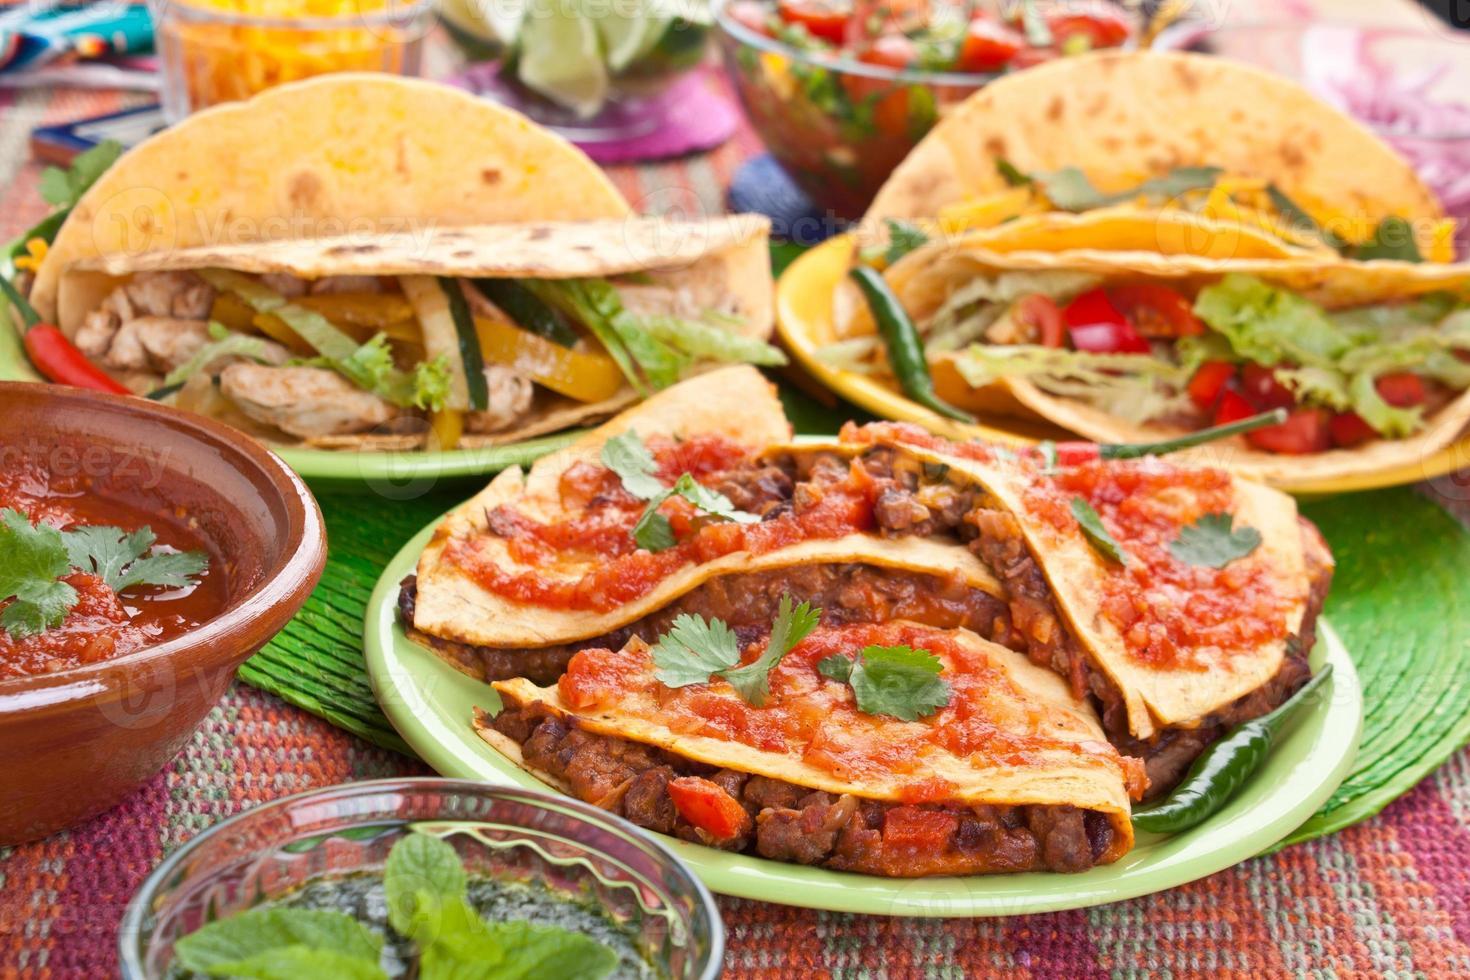 nourriture mexicaine traditionnelle colorée photo